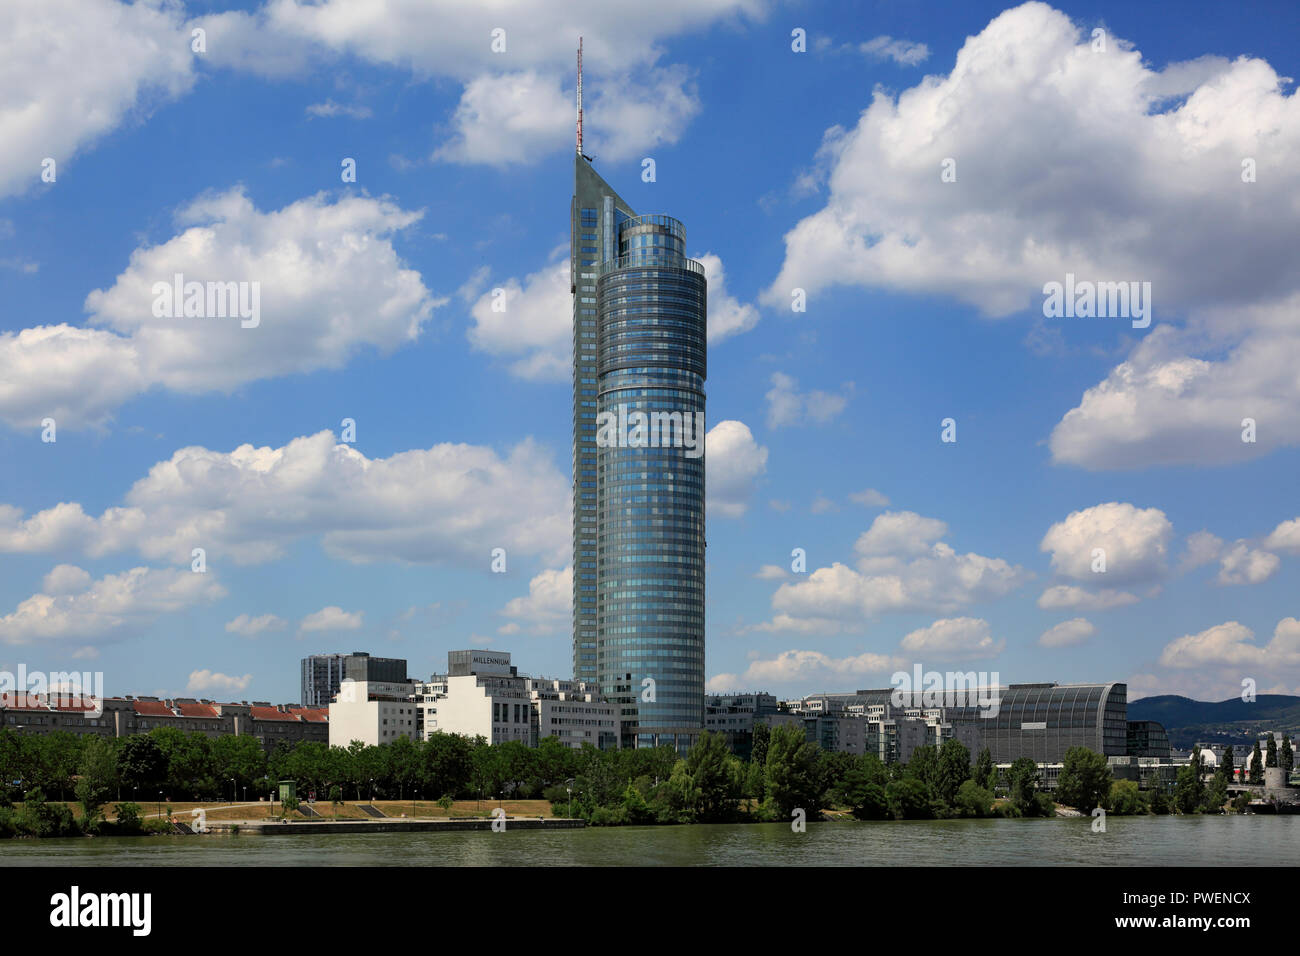 Österreich, A-Wien, Donau, Hauptstadt, Millenium Tower am Handelskai, Commercial Tower, Wolkenkratzer, cumulus Wolken, Donau Promenade, Donau Stockbild